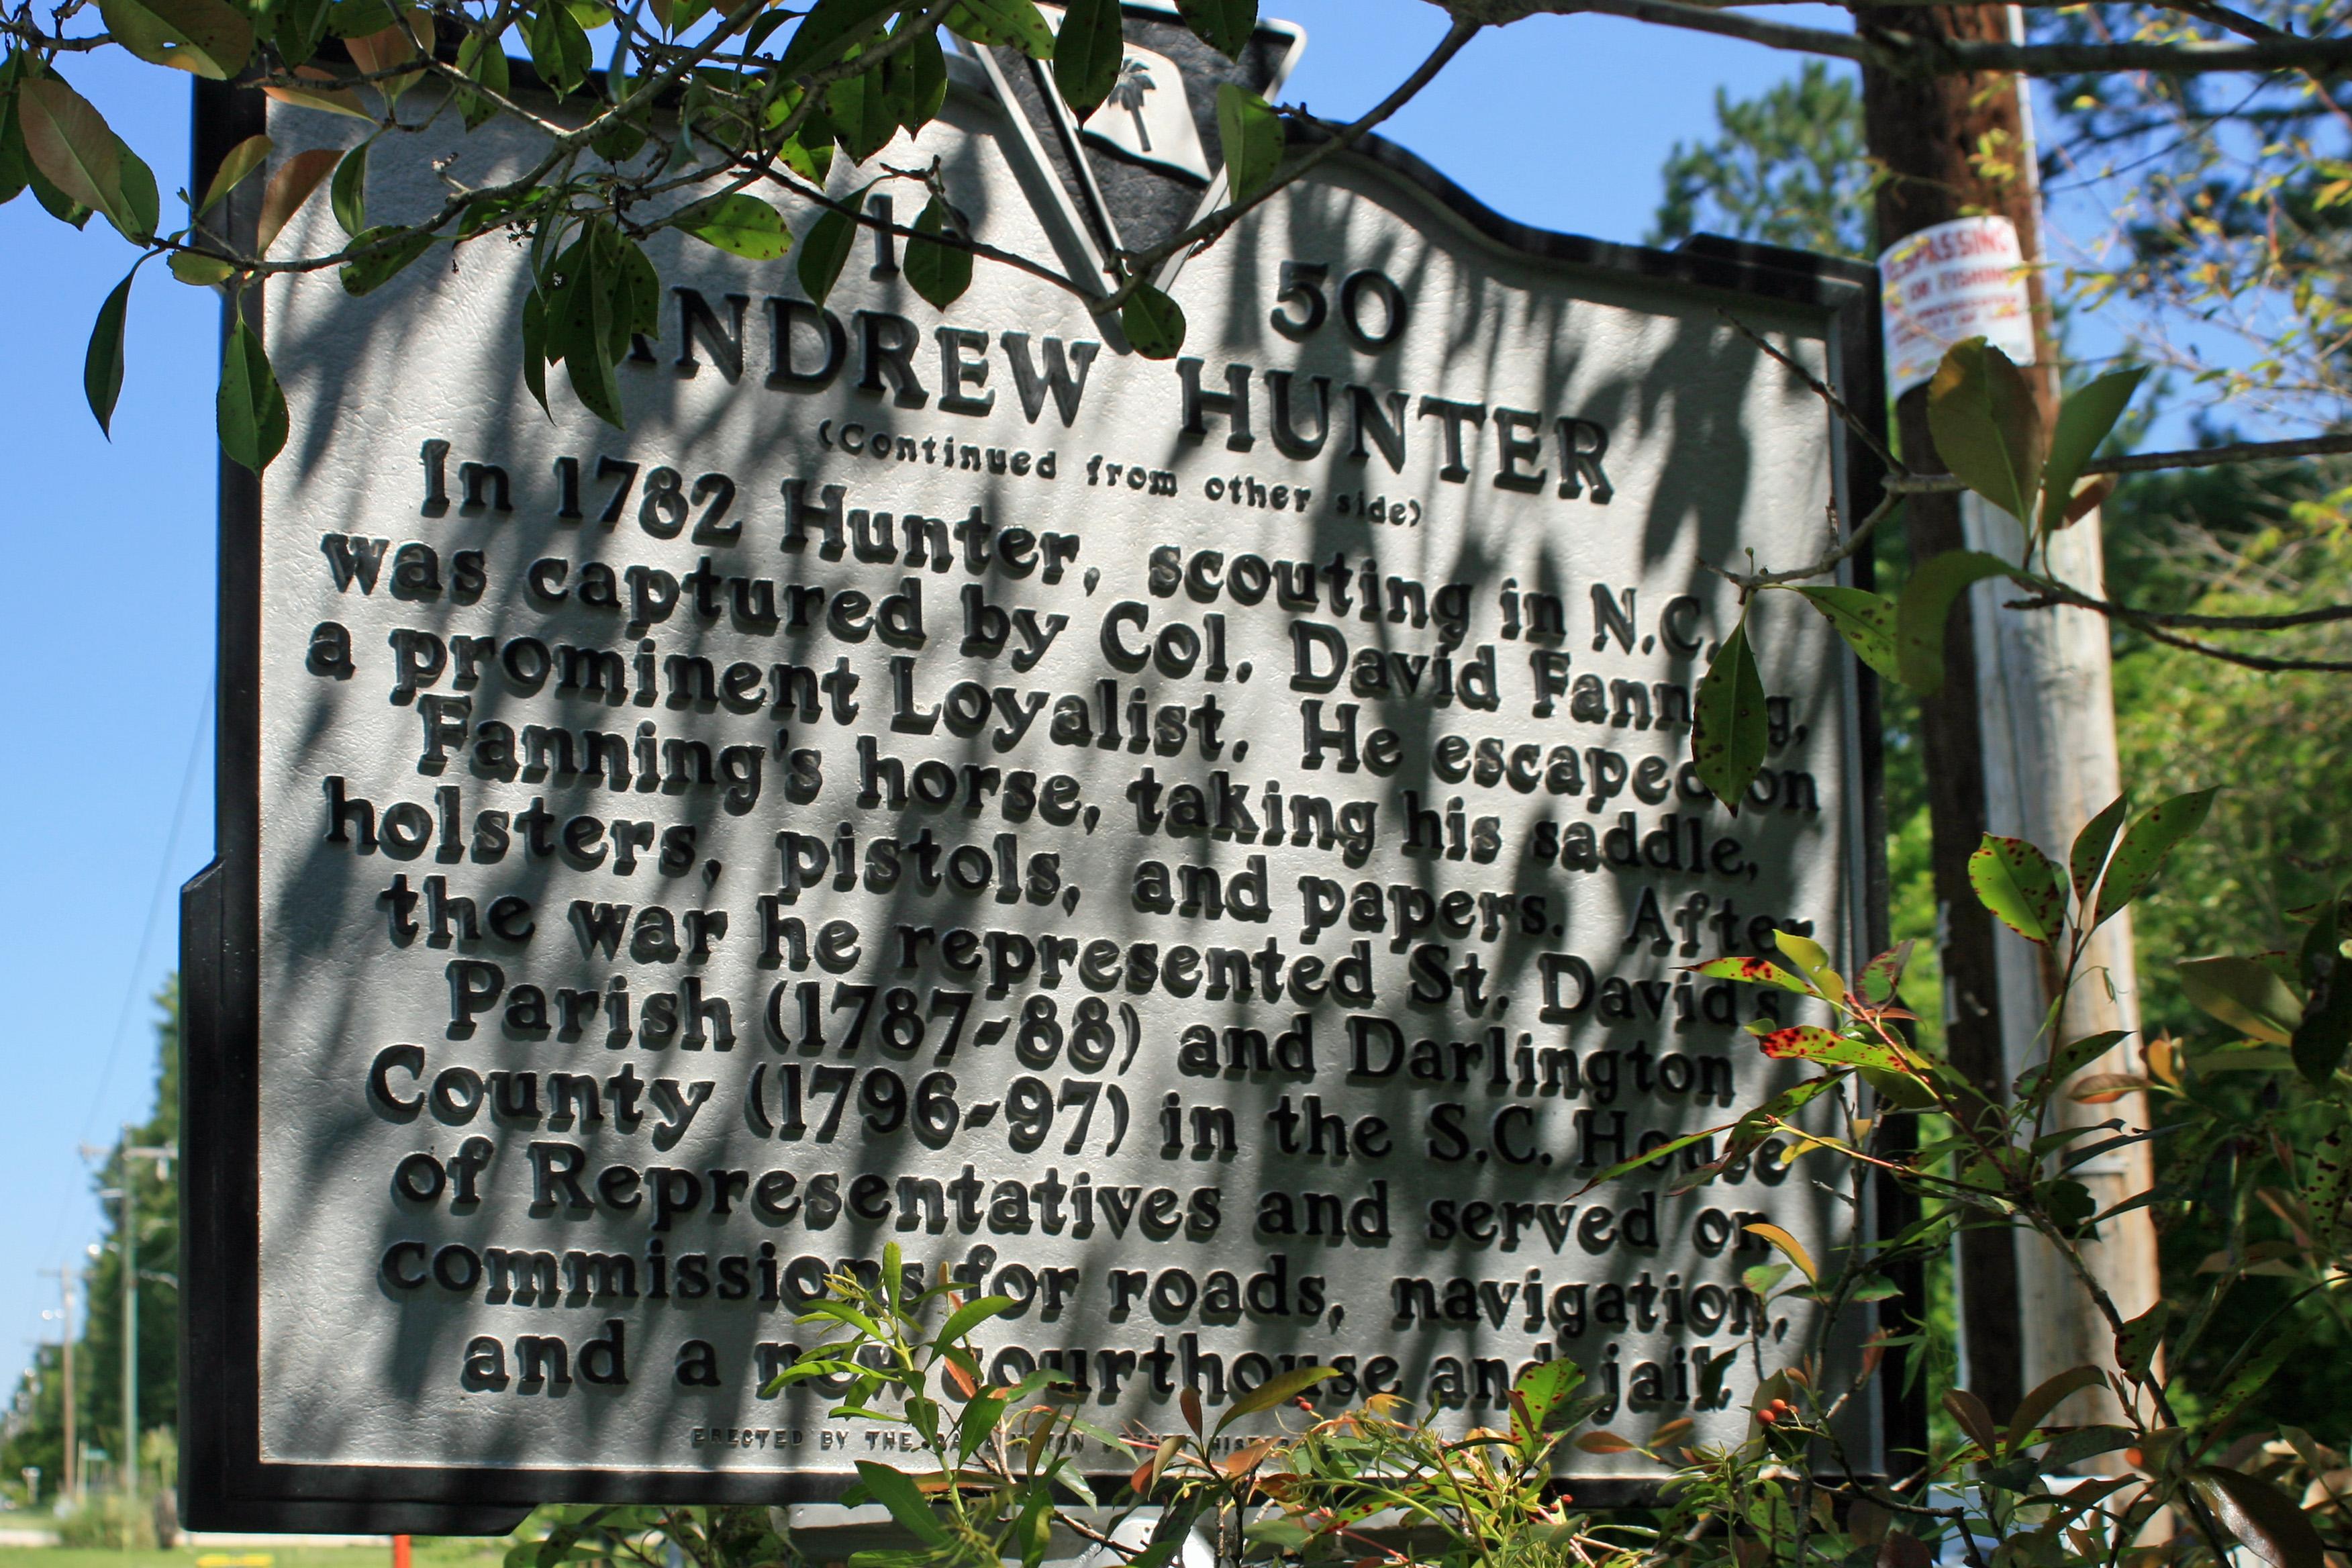 Historical Marker for Andrew Hunter.